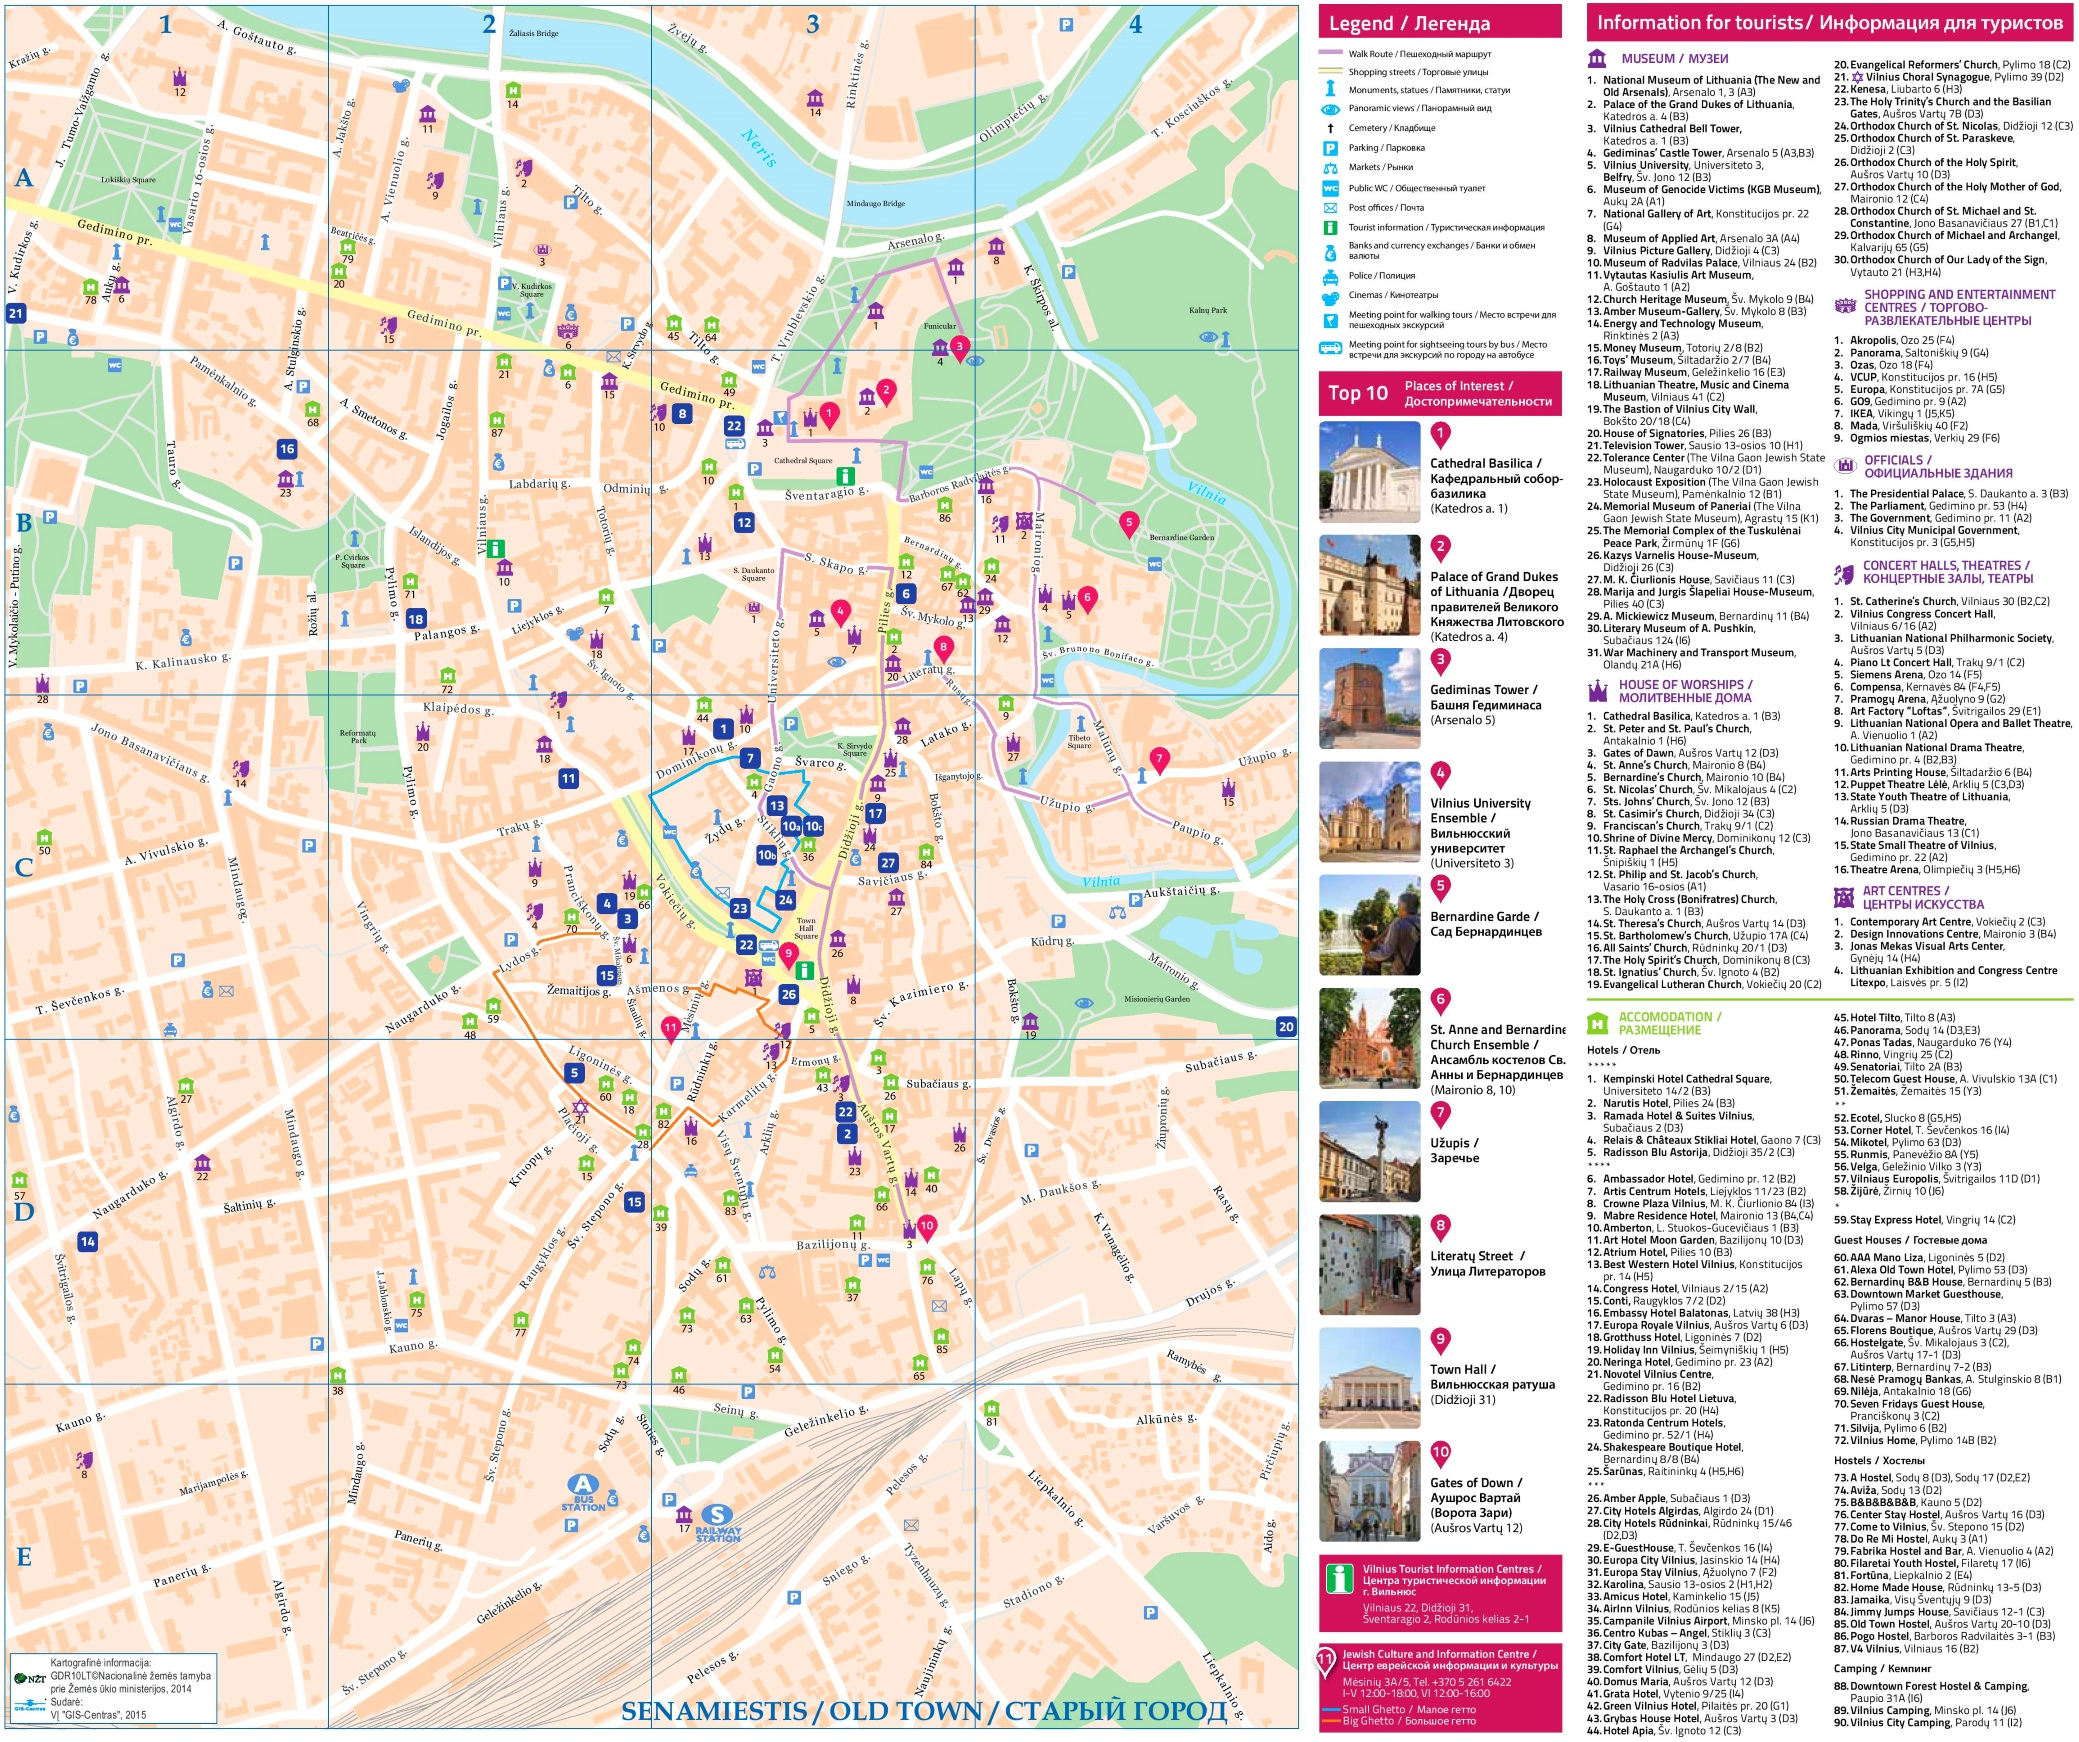 Mapa de monumentos para ver en Vilnius